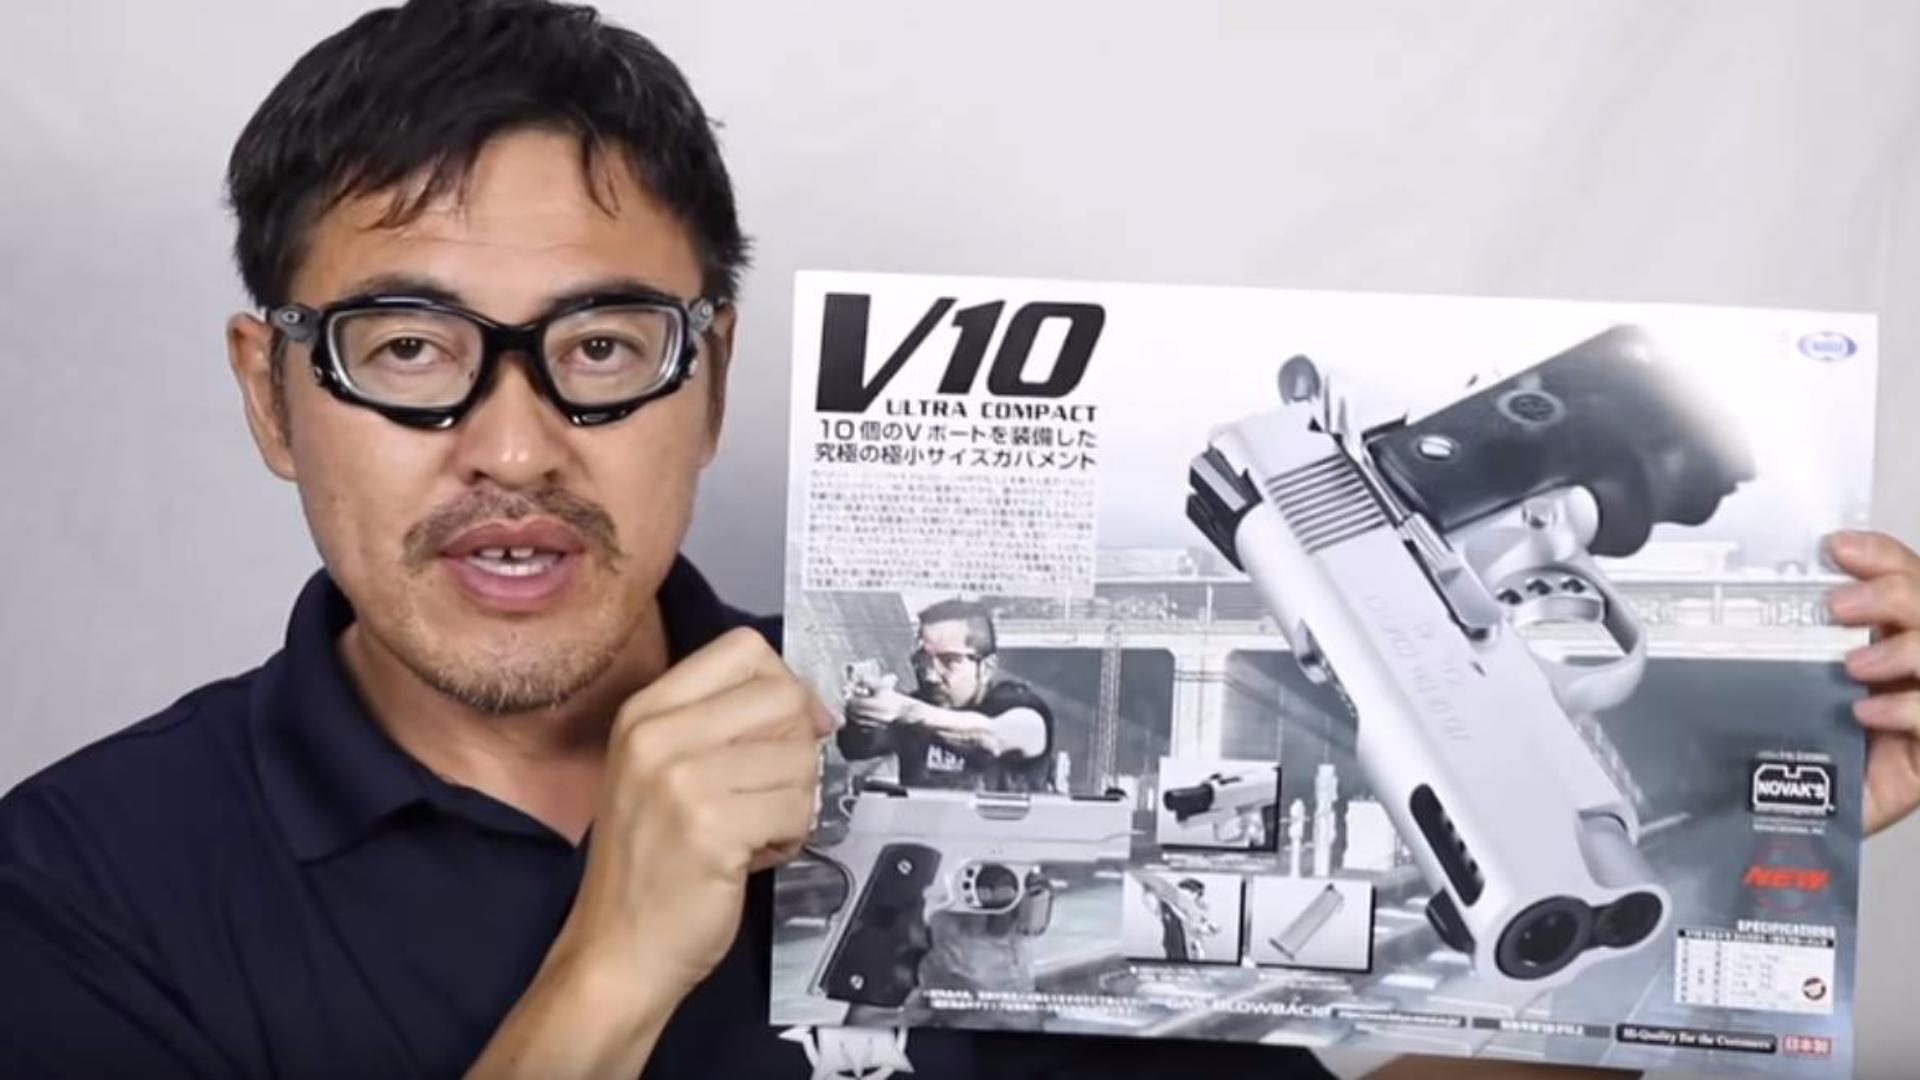 日本壕堺大叔:V10 GBB MARUI东京马尔伊测评!